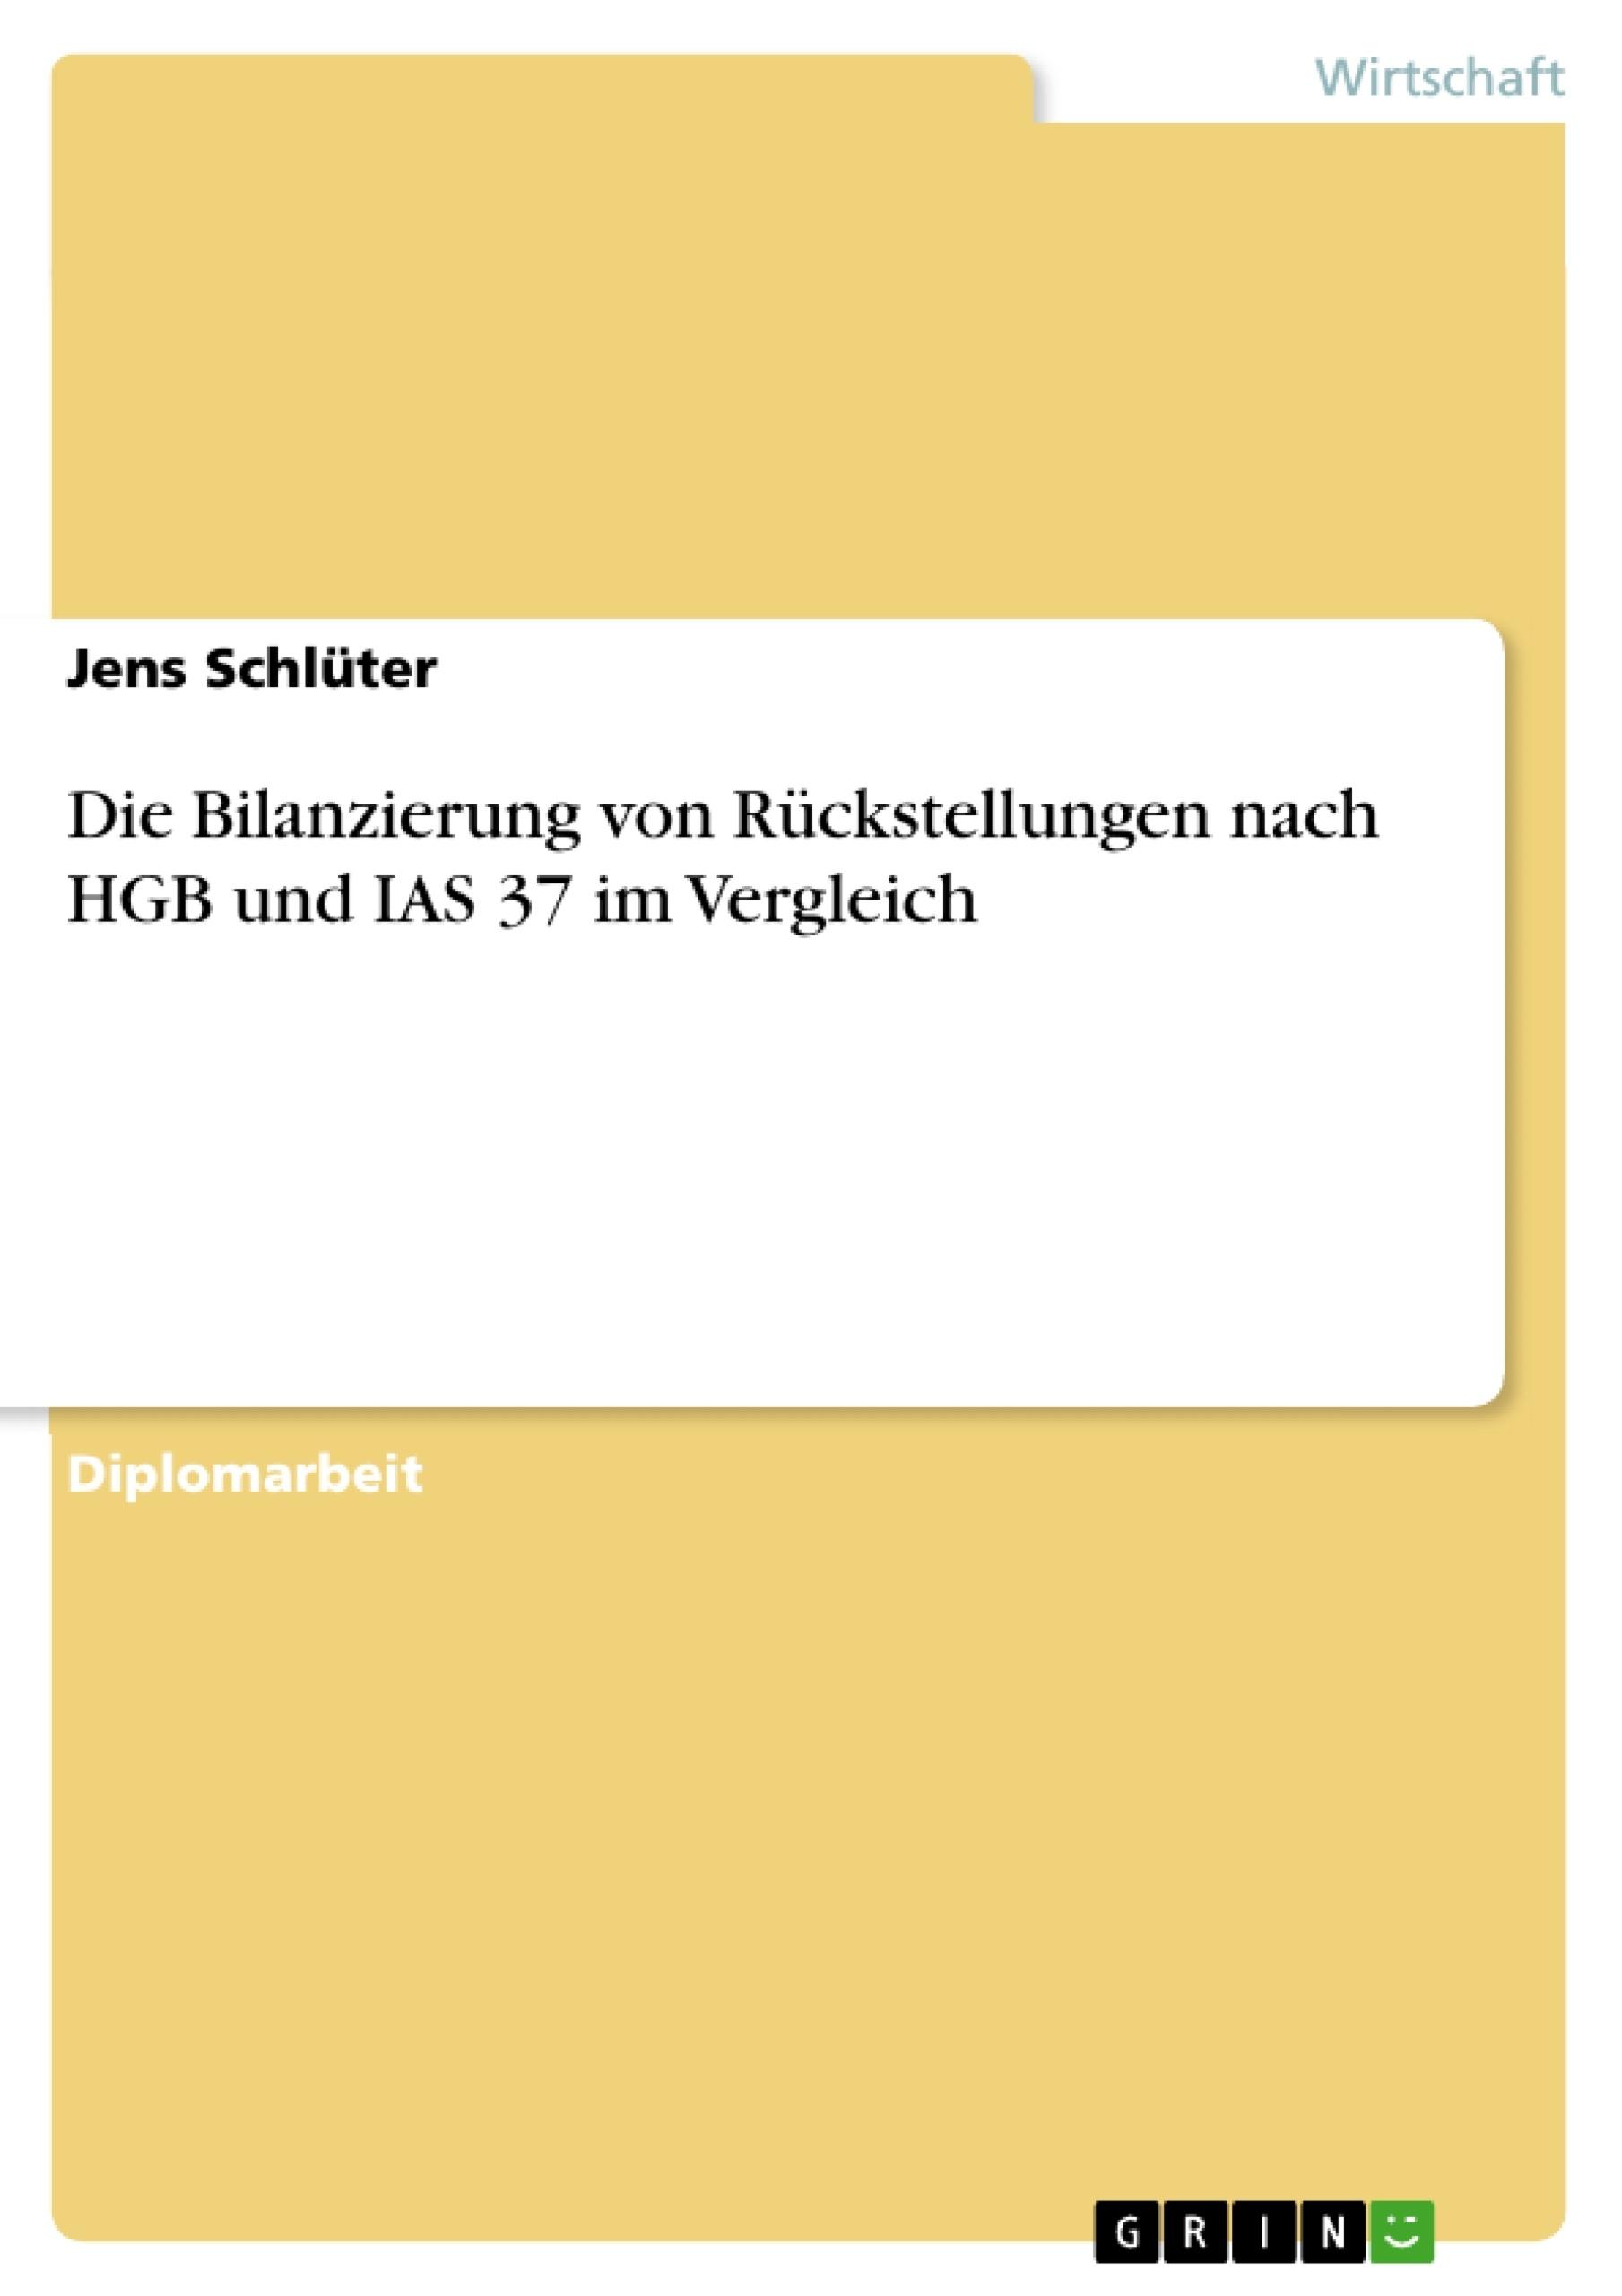 Titel: Die Bilanzierung von Rückstellungen nach HGB und IAS 37 im Vergleich